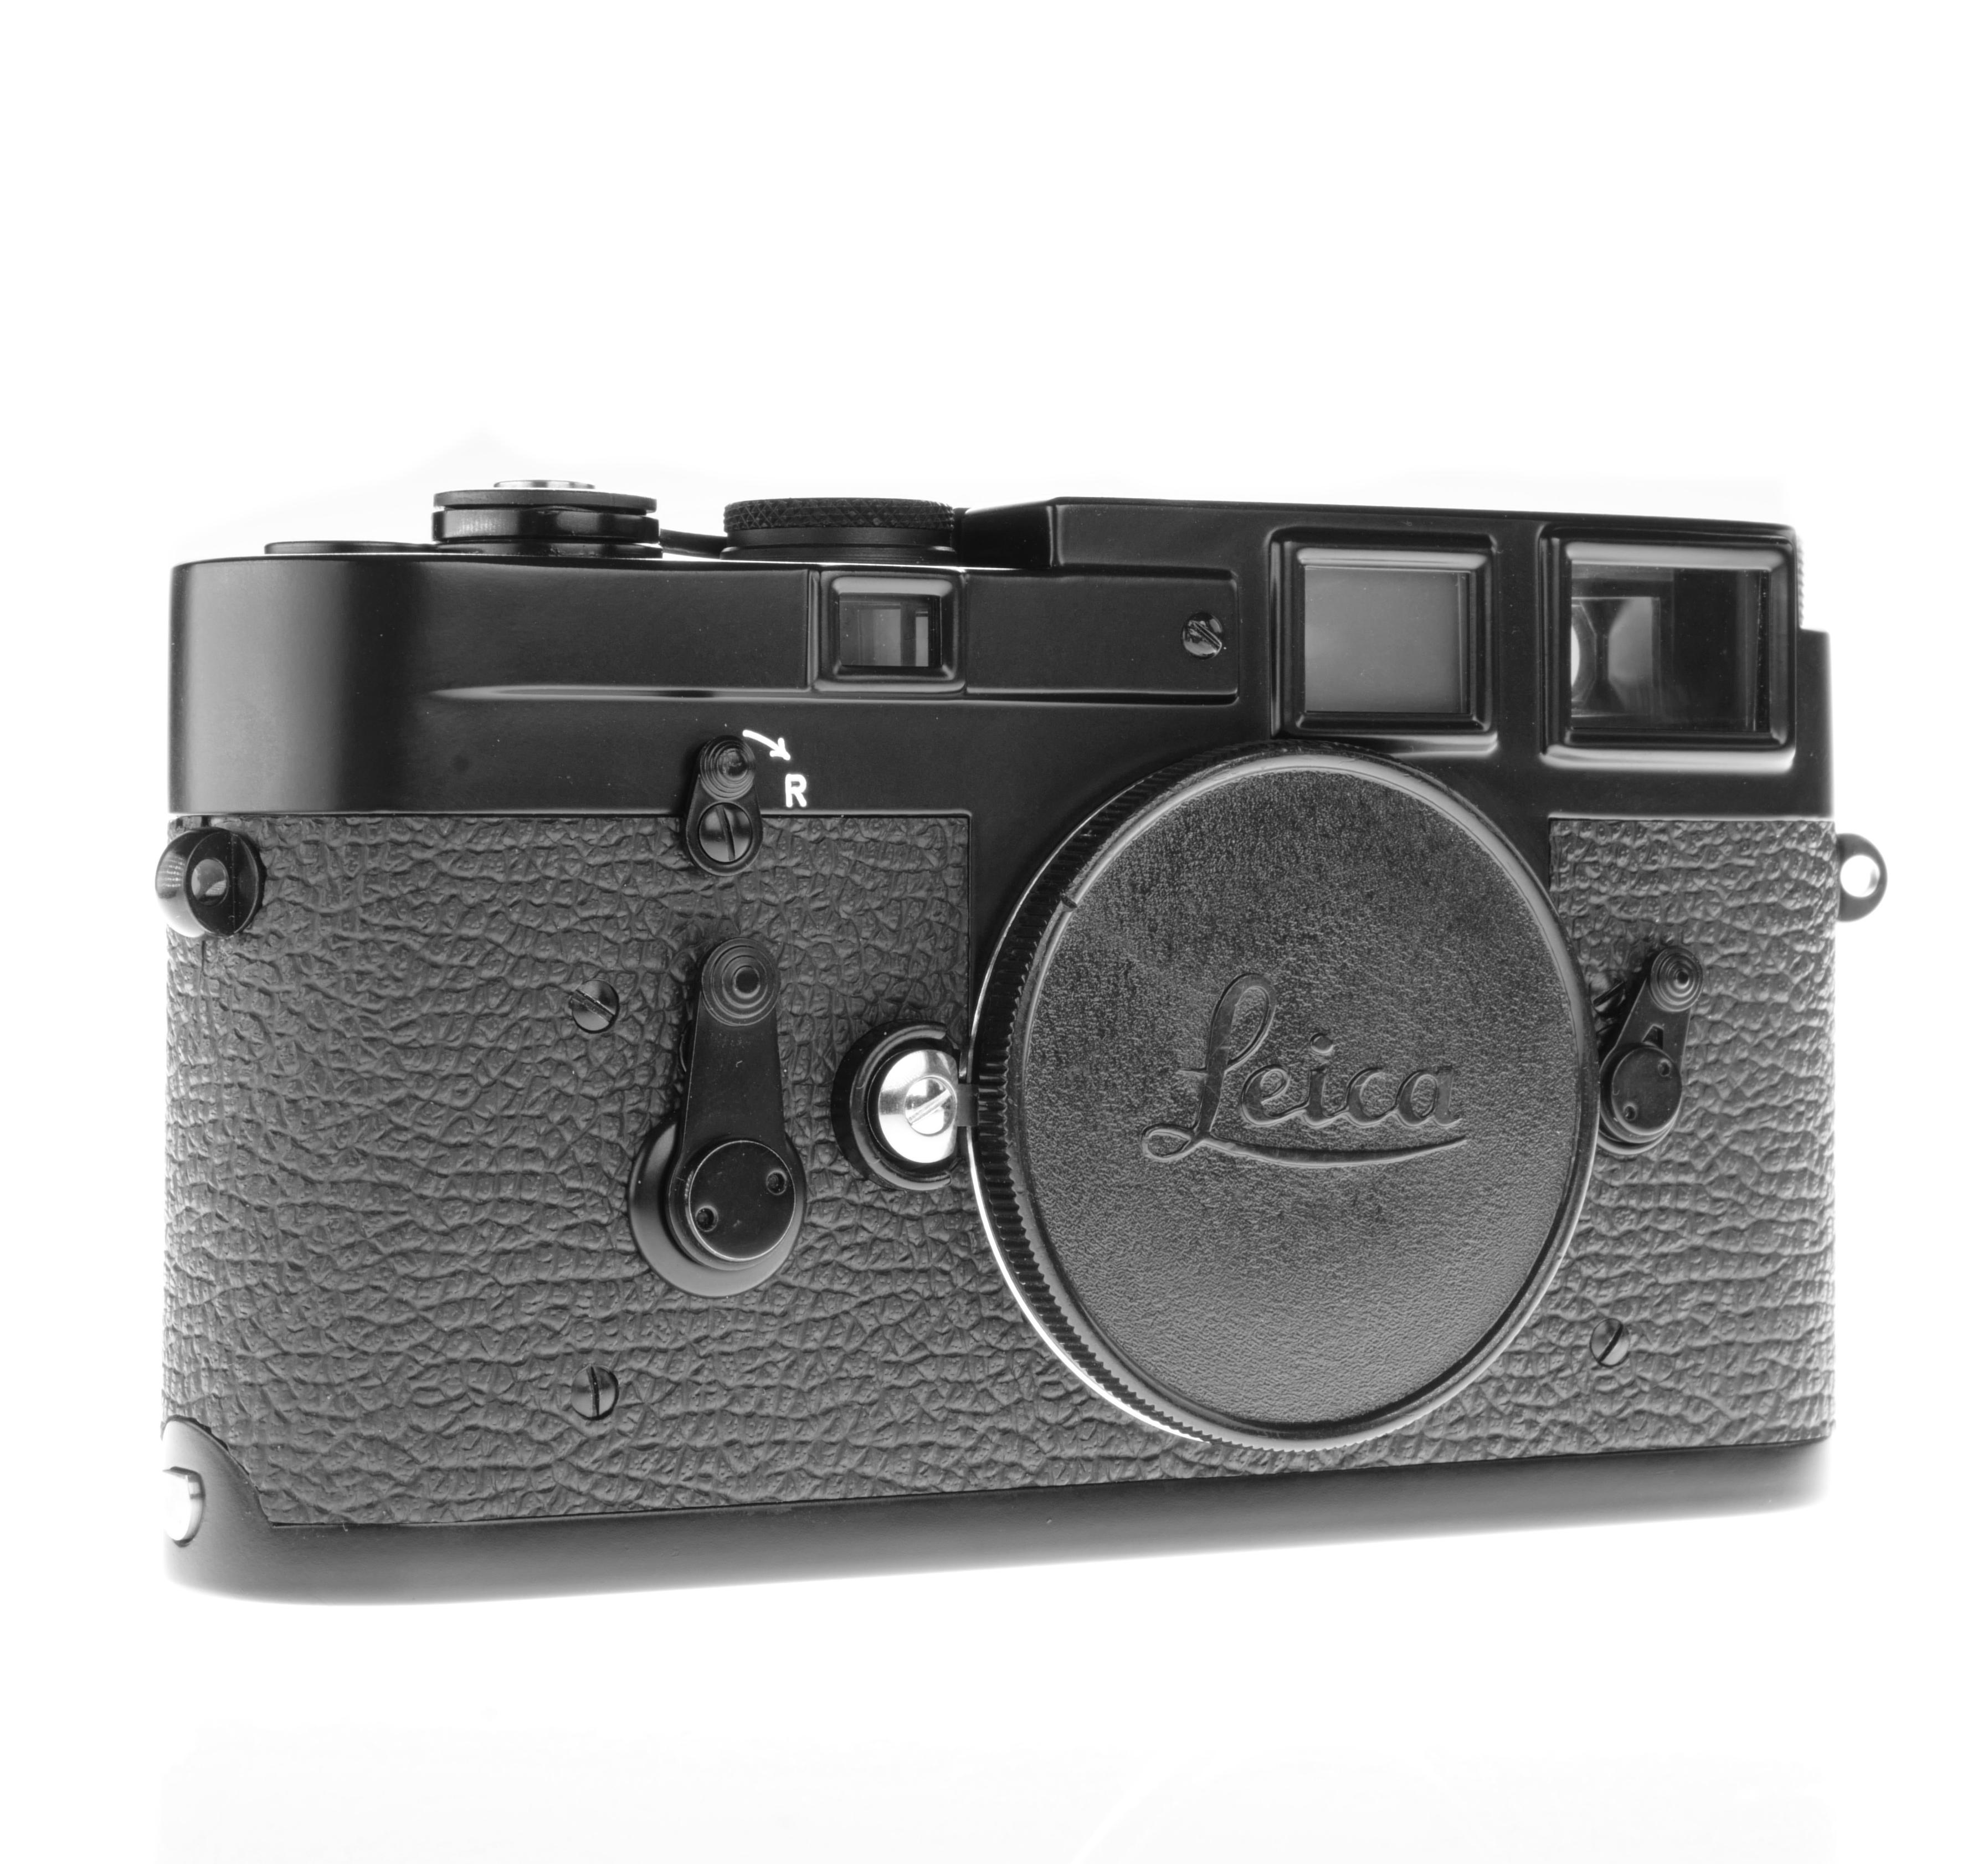 Gelegenheiten Leica M3 schwarz